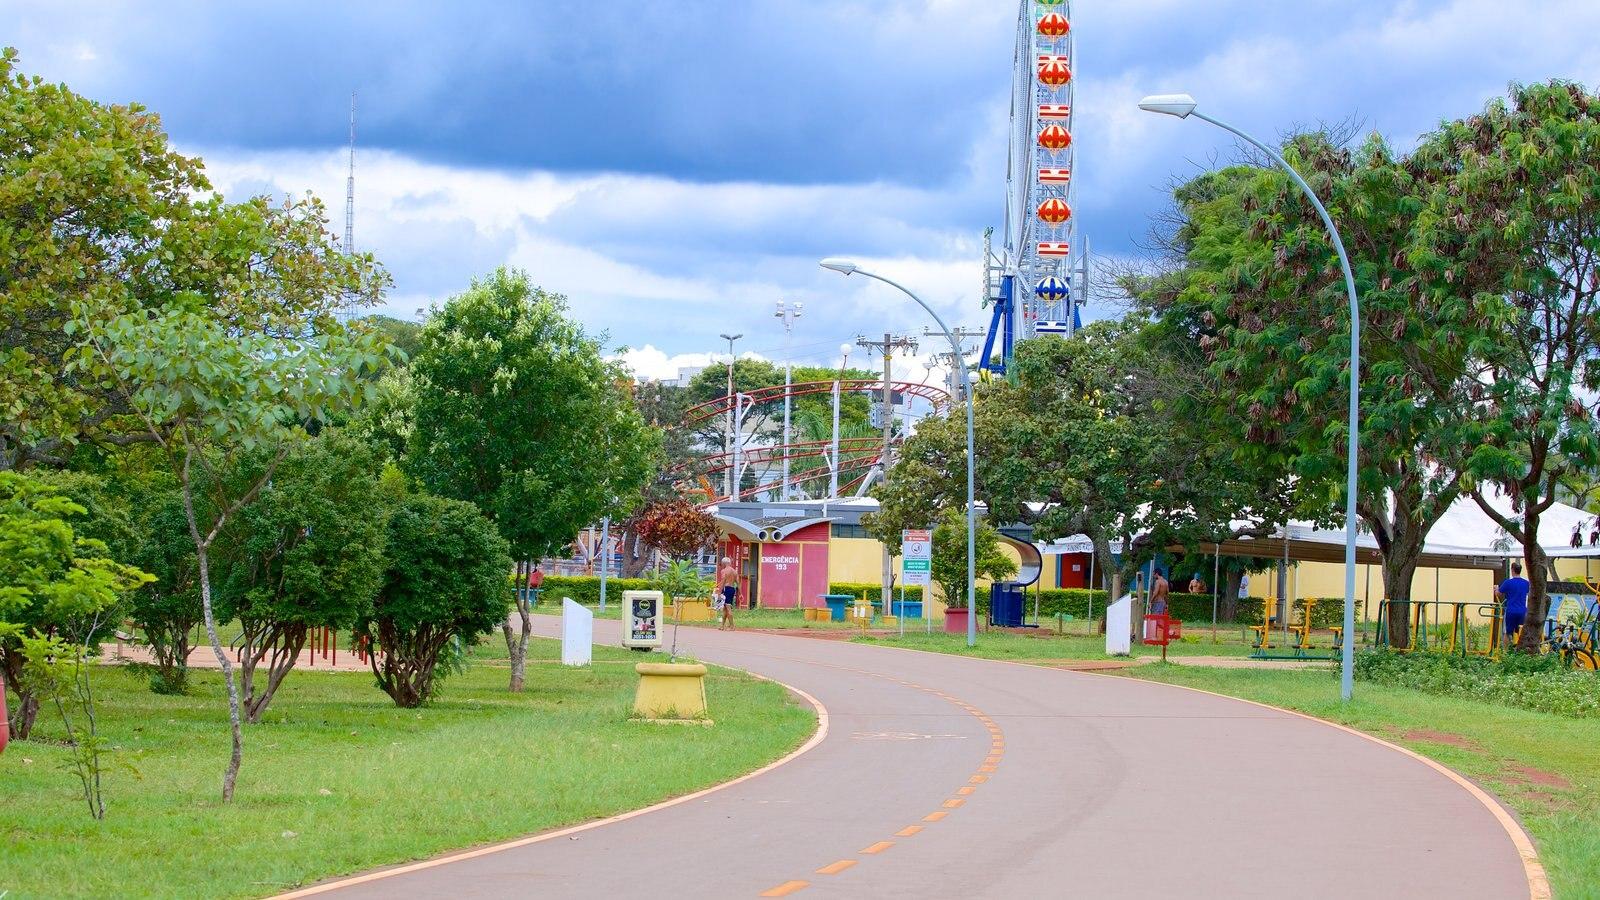 Parque da Cidade caracterizando um jardim e passeios